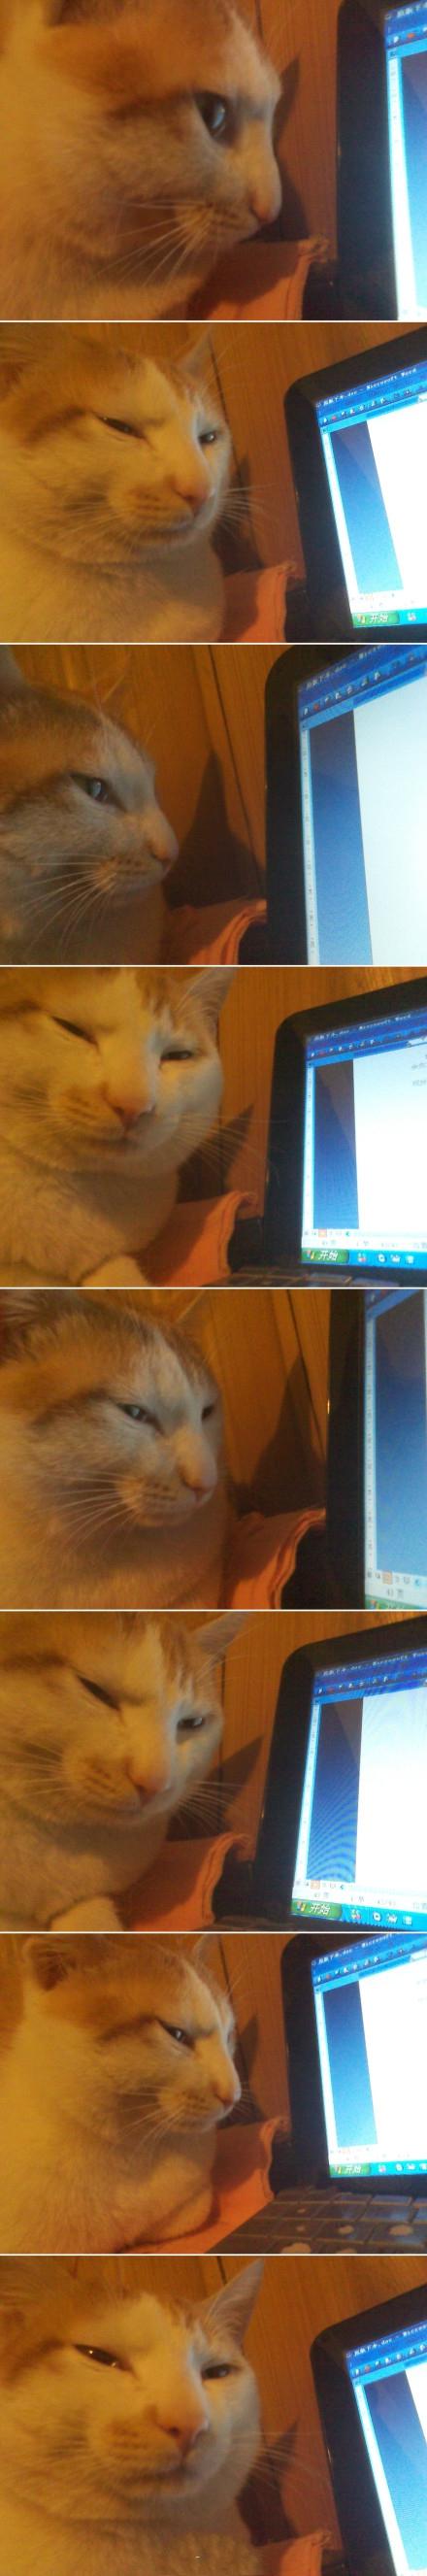 """我写文时,二狗喜欢趴在我电脑边,看我的文几眼,看我一眼,看我的文几眼,看我一眼,看我的文几眼,看我一眼,看我的文几眼,看我一眼,看我的文几眼,看我一眼,看我的文几眼,看我一眼…………………………………………""""玛蛋!!我的文肿么了?不想看滚蛋!你那是什么眼神!!!""""【via @恩顾】"""